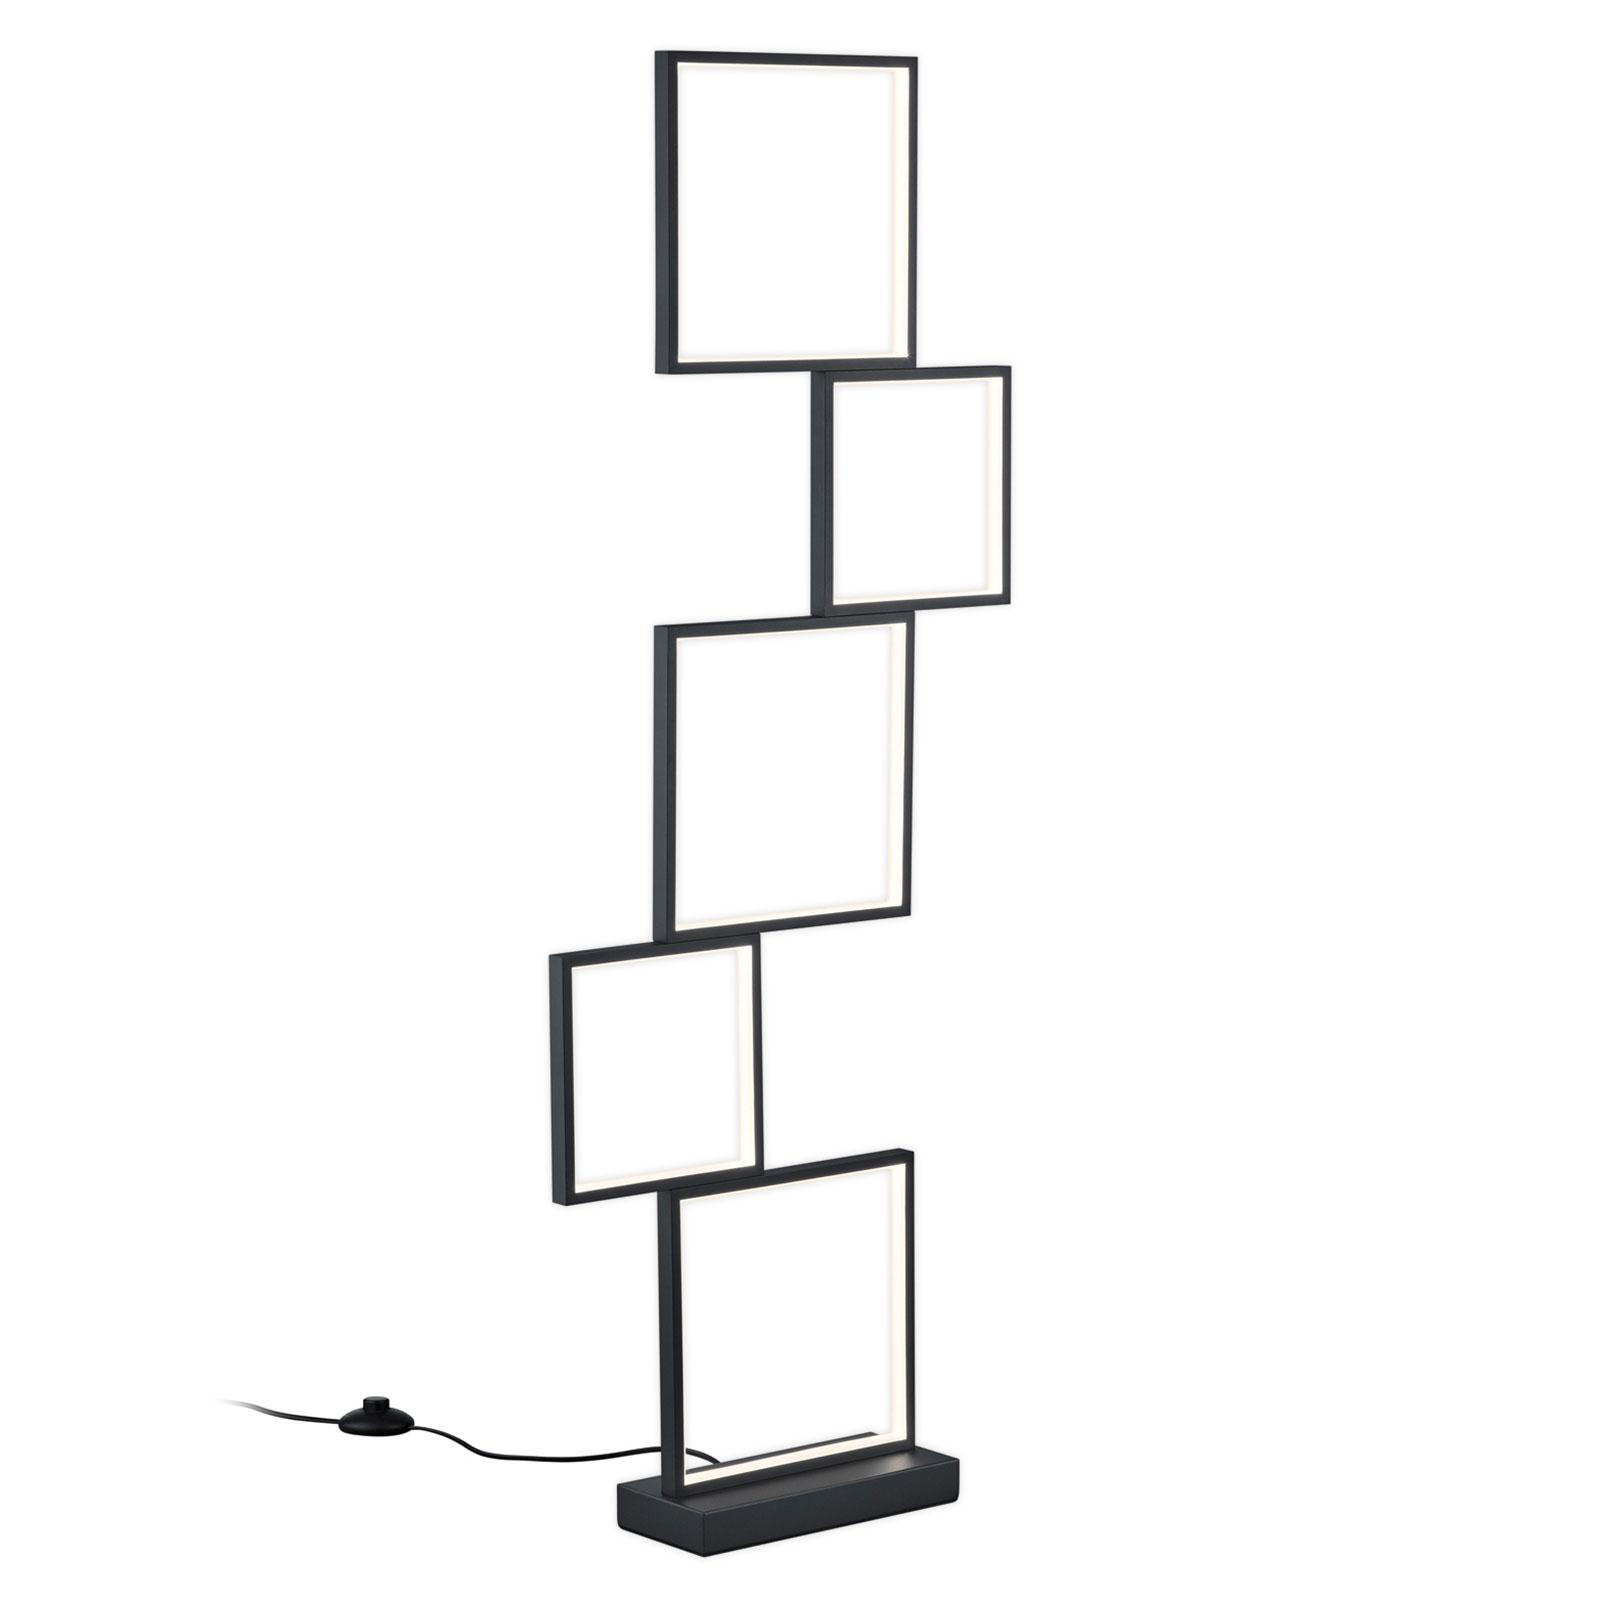 LED stojací lampa Sorrento, matná černá